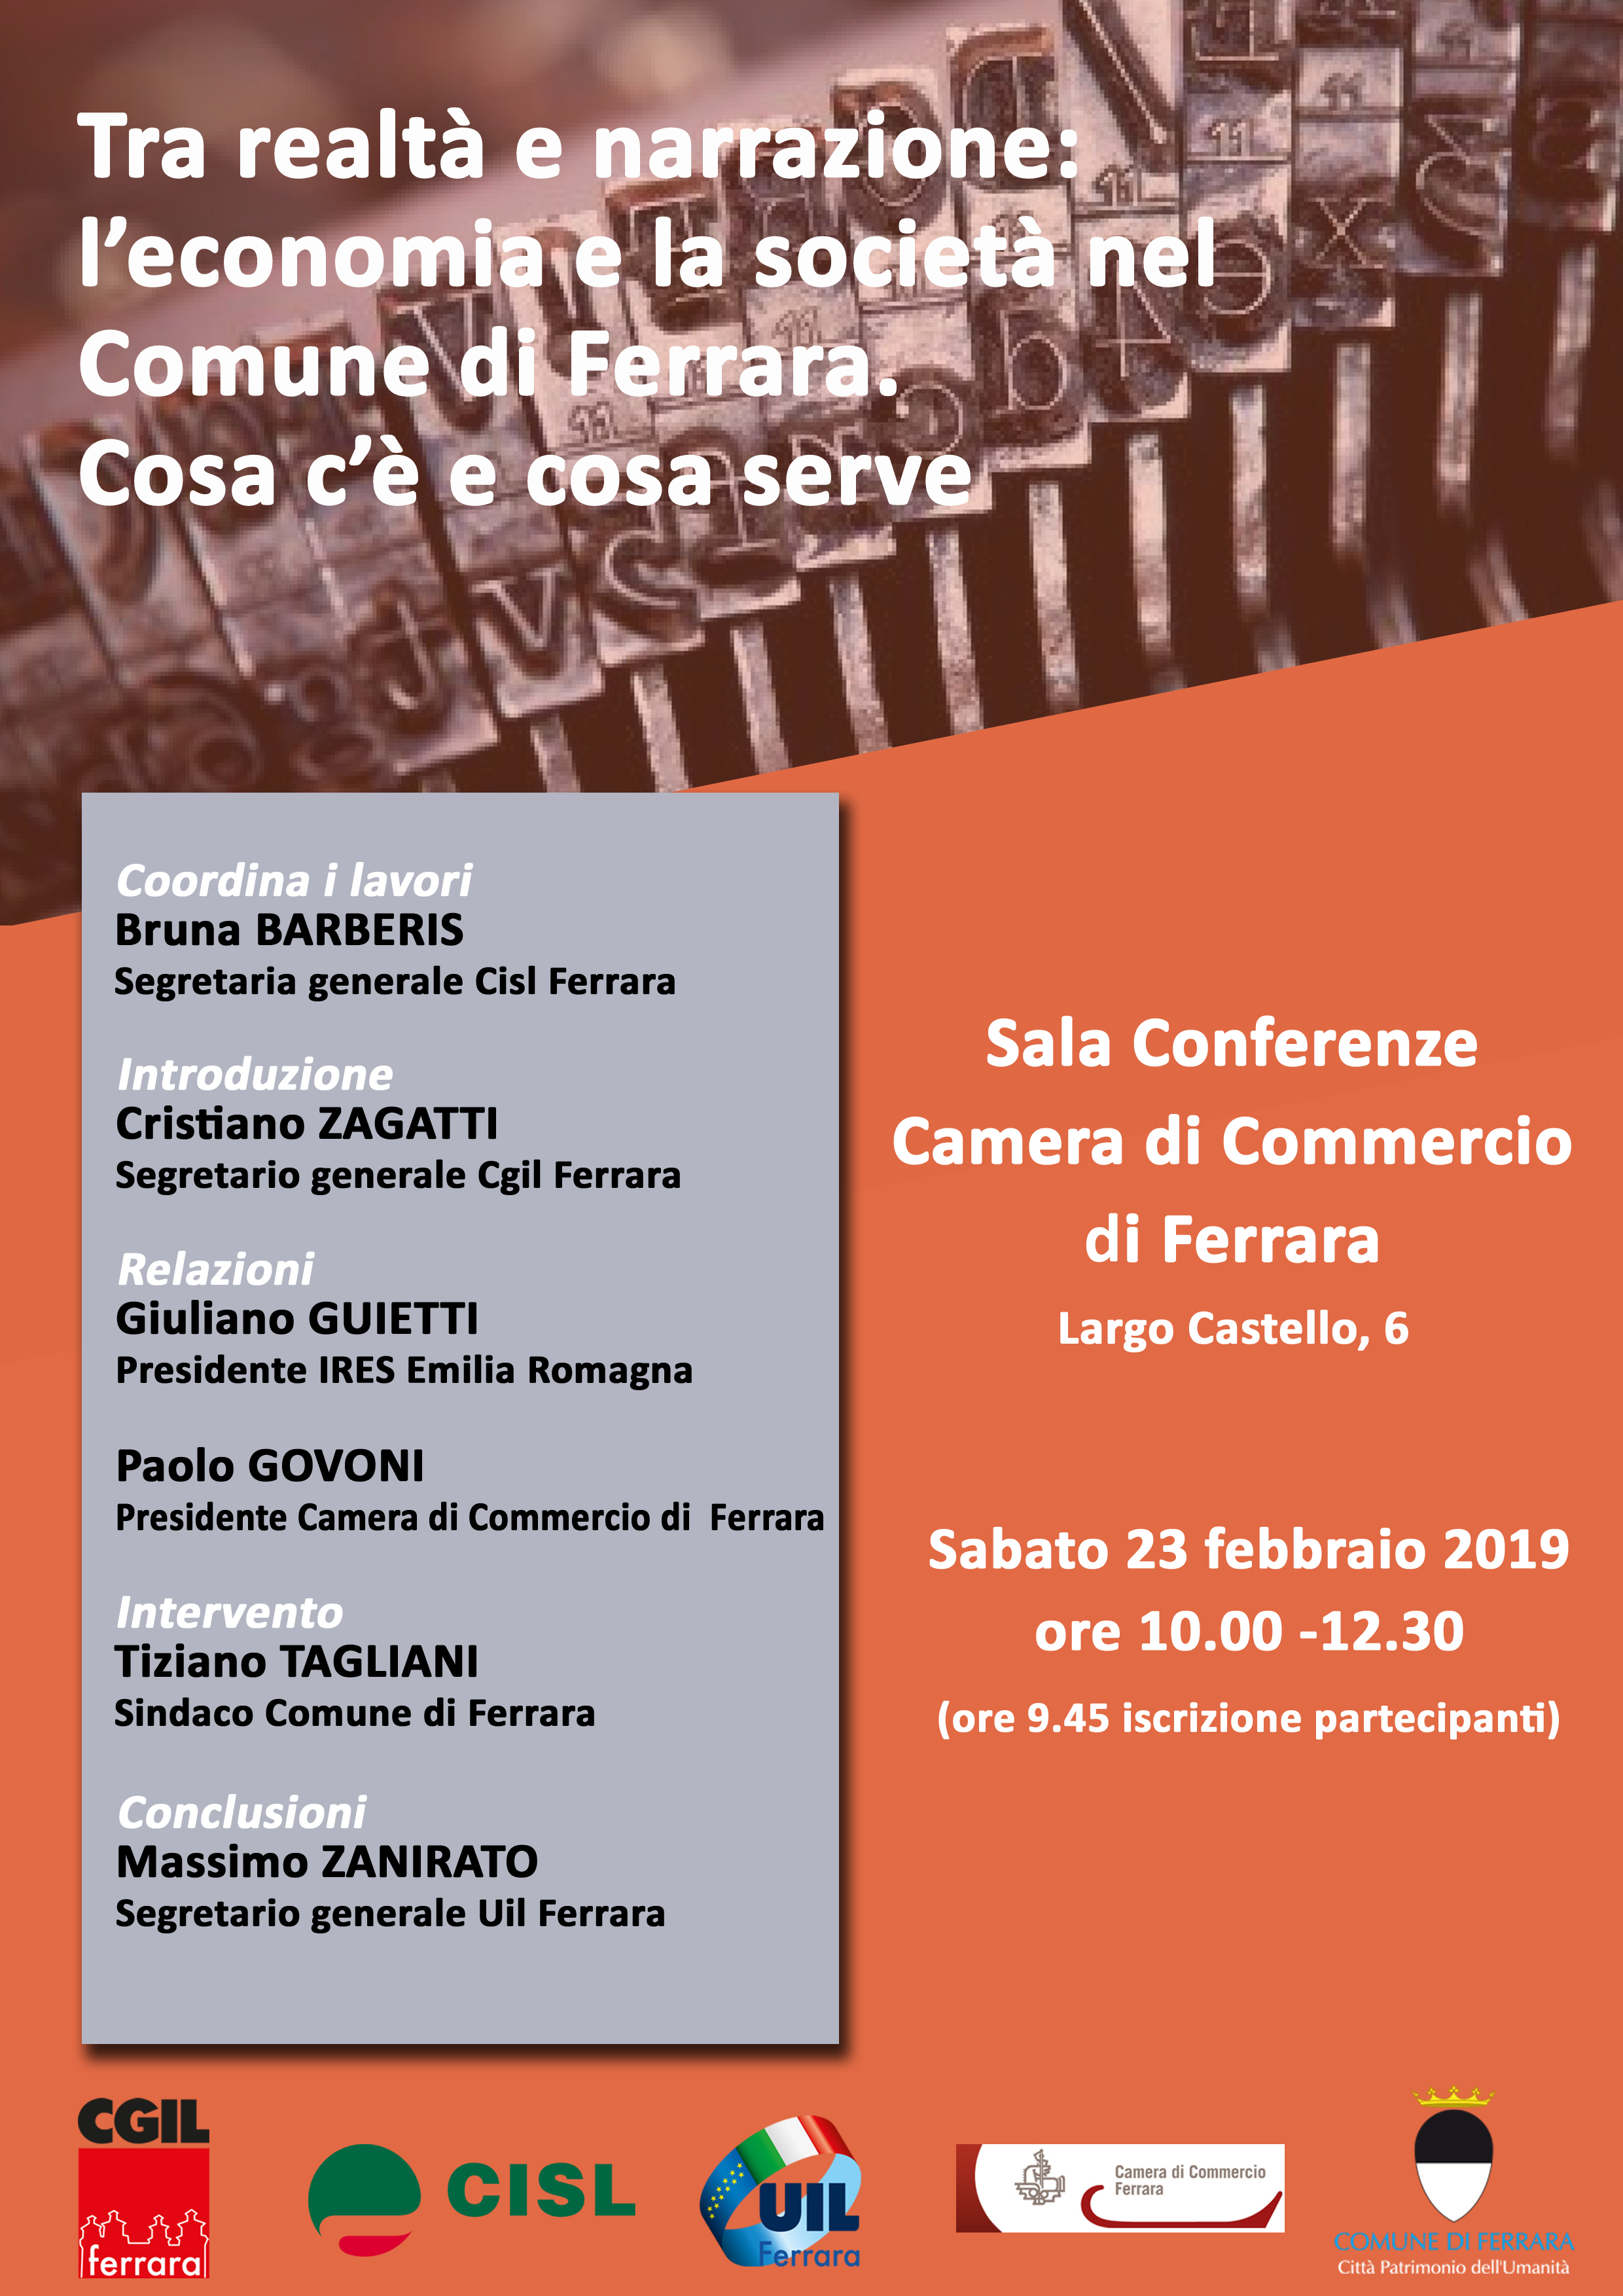 Tra realtà e narrazione: sabato 23 febbraio iniziativa pubblica in Camera di Commercio a Ferrara